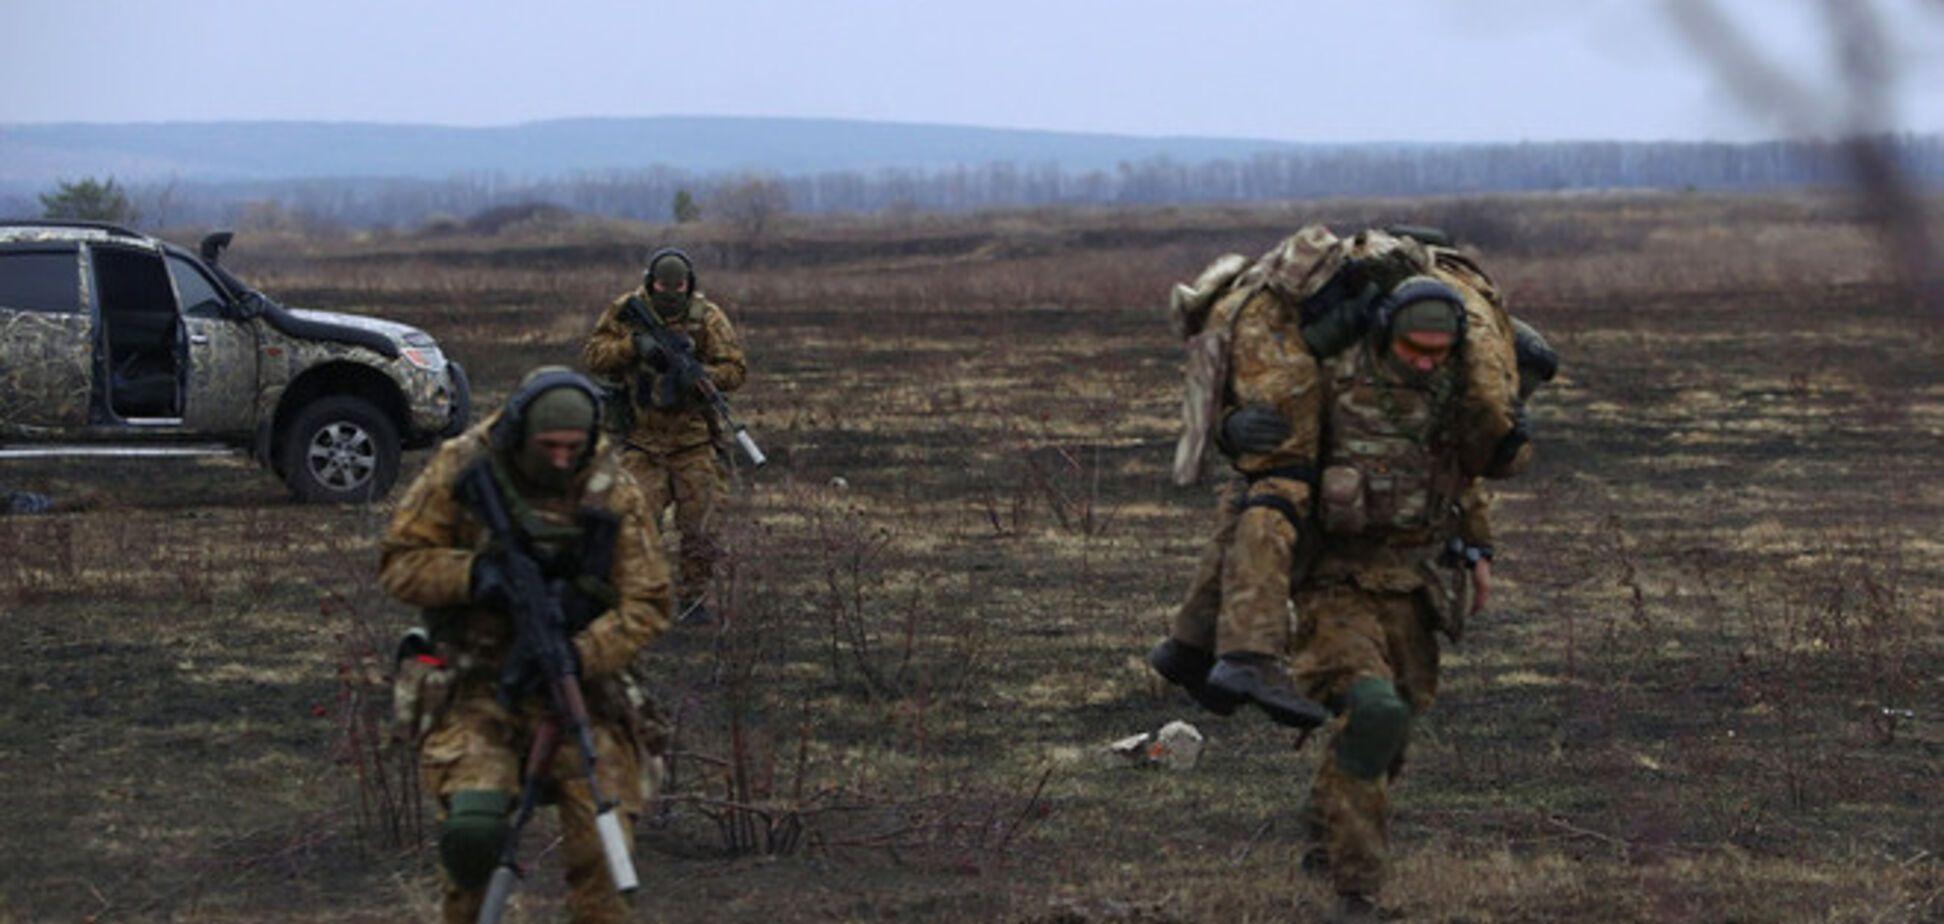 За сутки из-за обстрелов и подрывов на растяжках погибли 5 украинских военных